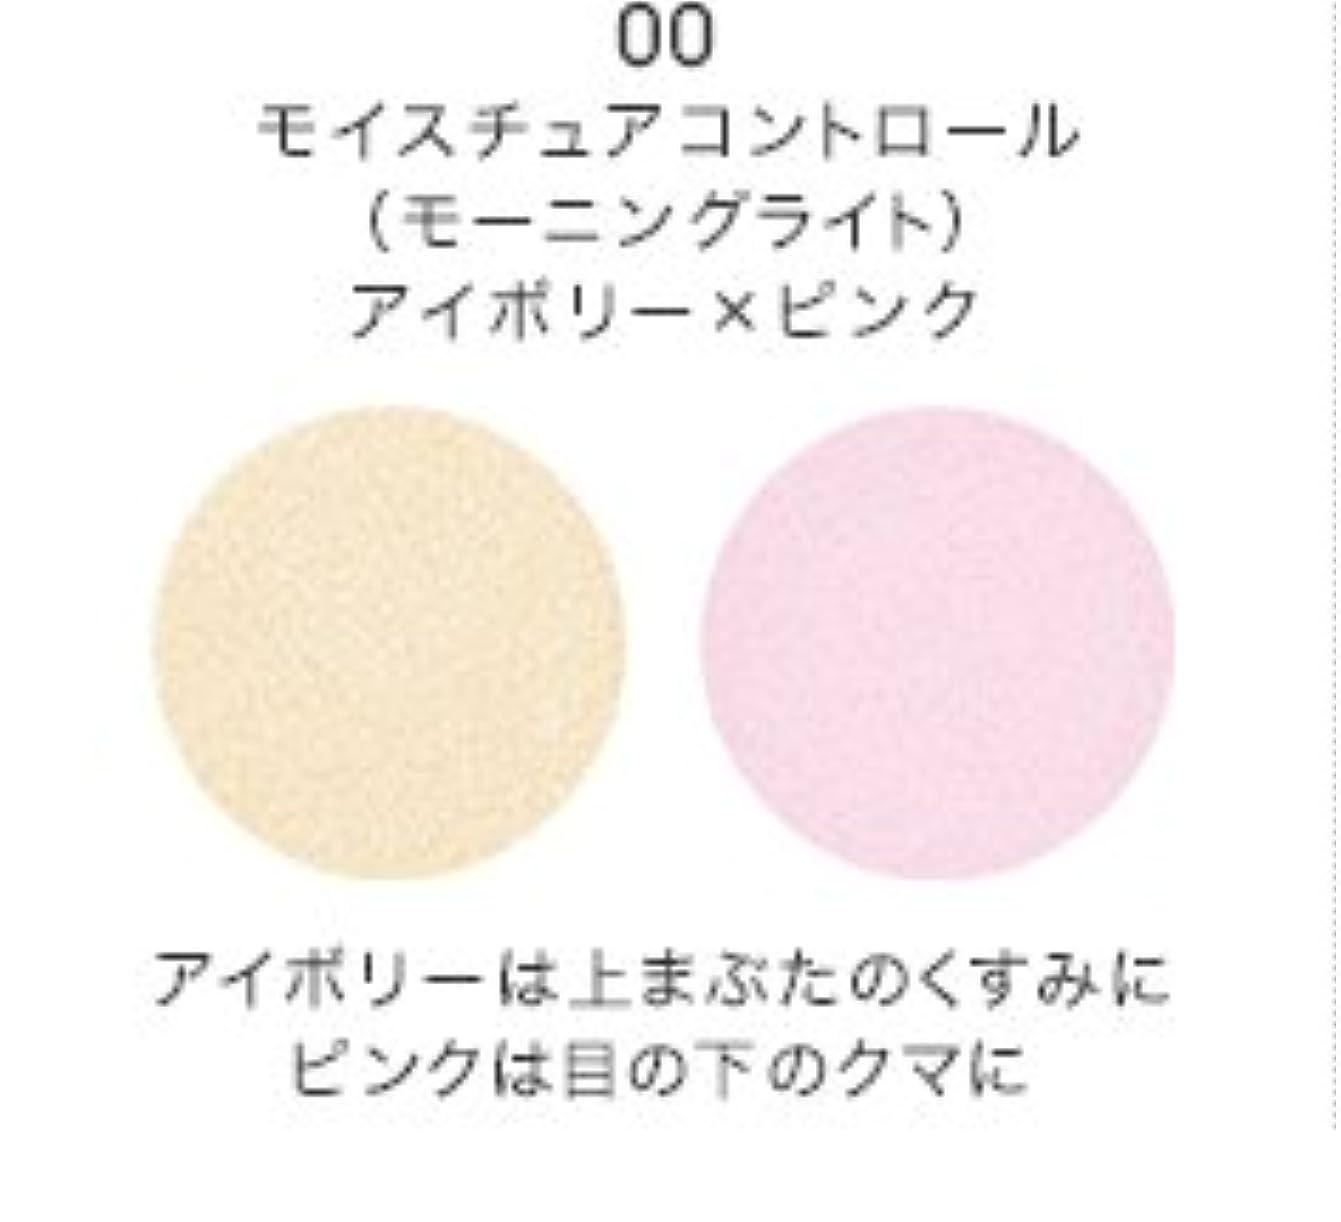 再現するメロディアス円形の【MiMC】ビオモイスチュアシャドー (00 モイスチュアコントロール(モーニングライト))